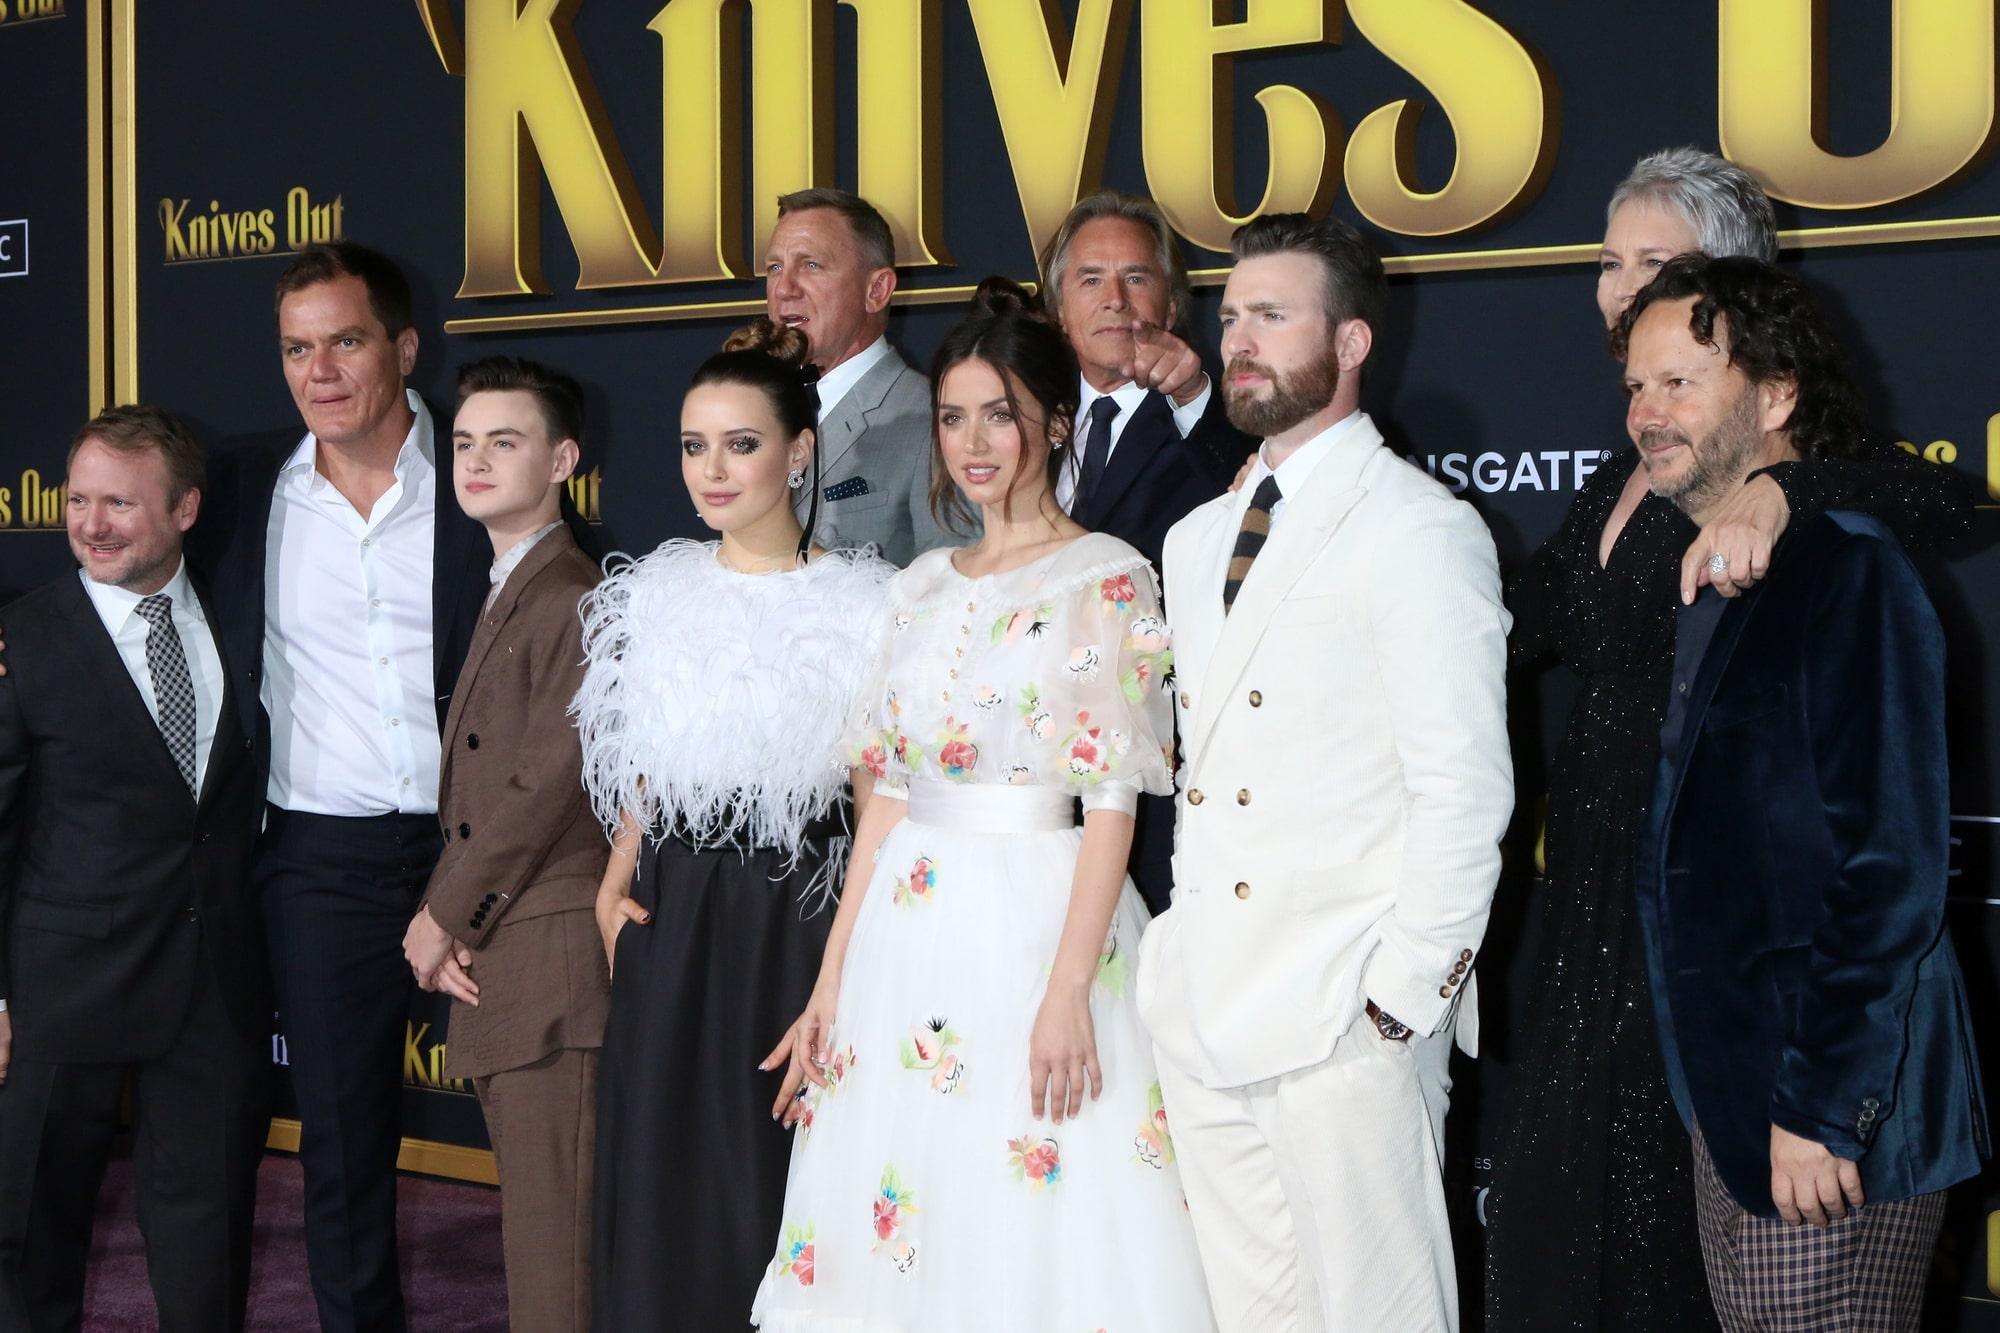 Режиссер фильма «Достать ножи» Райан Джонсон работает над новым проектом